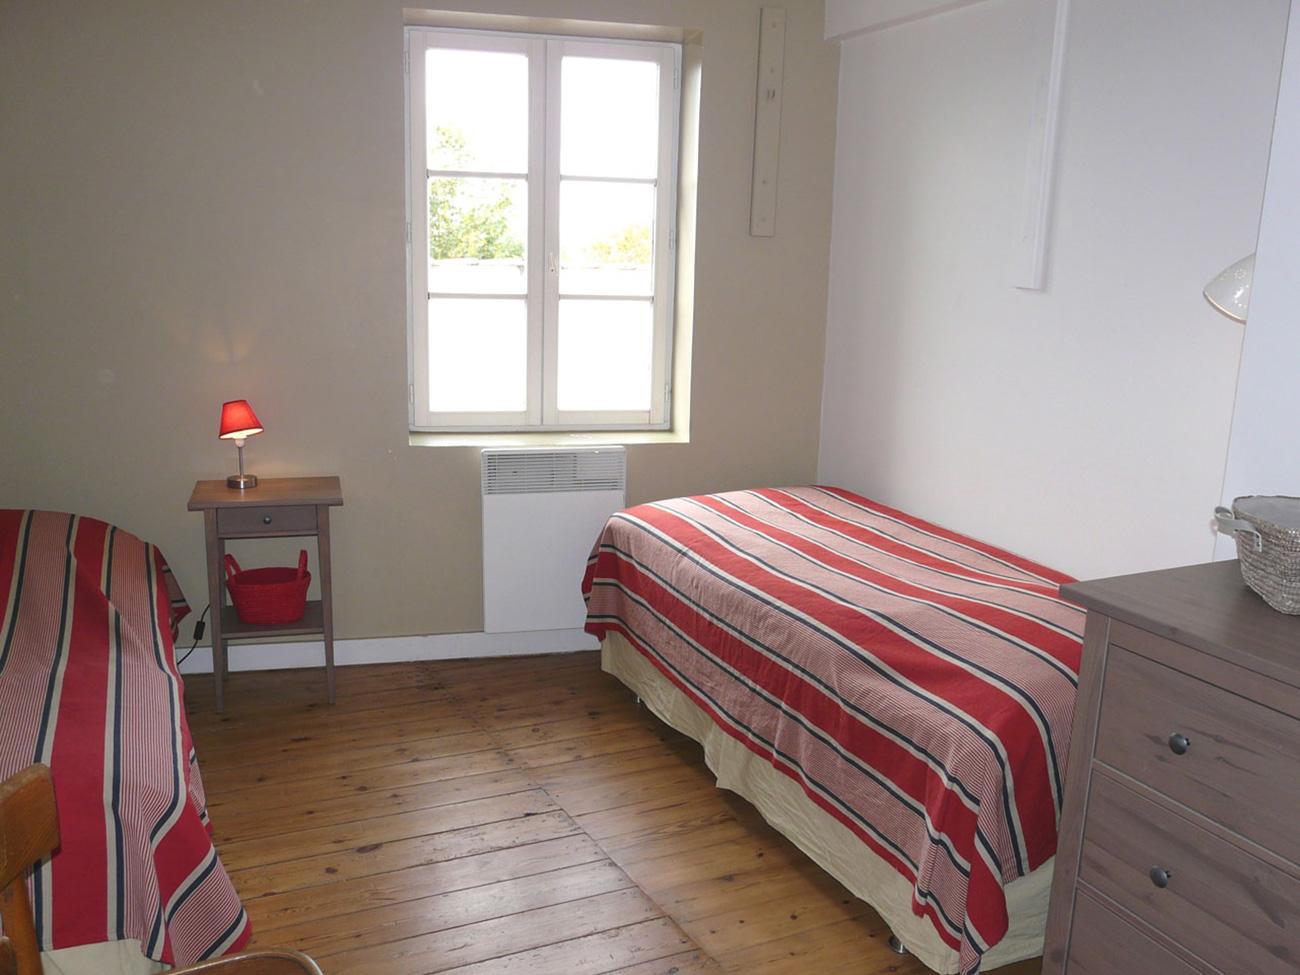 Location Maison Ile de Ré - Fleur-de-sel - Chambre 2